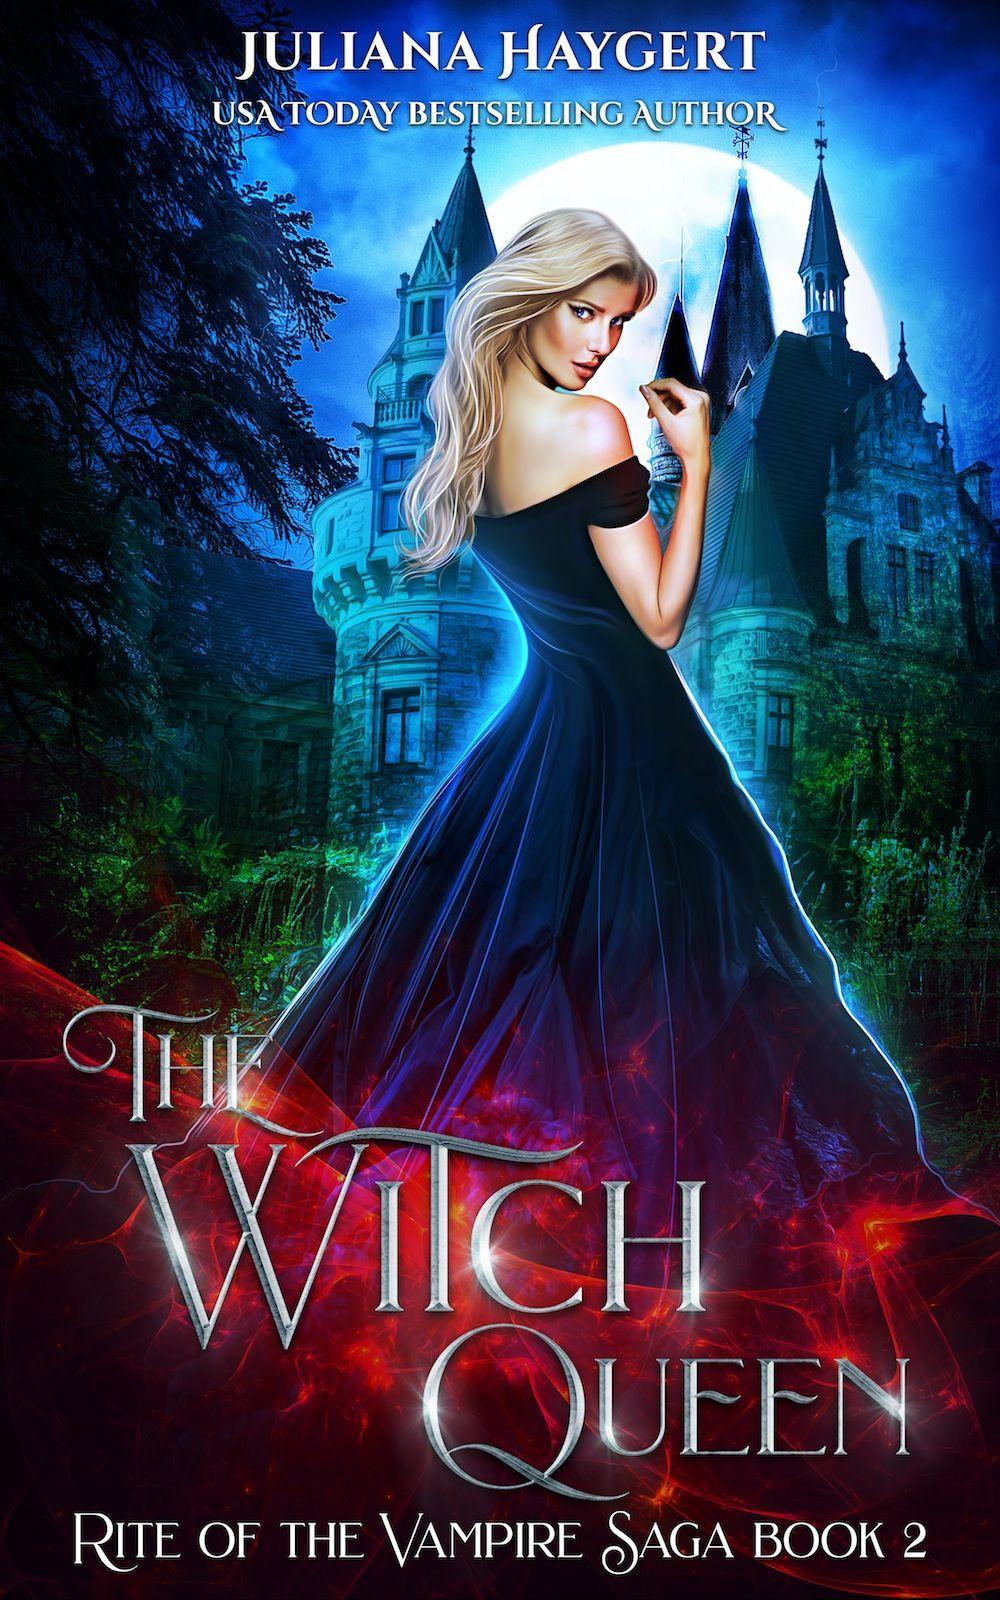 The Vampire Heir (#1 Rite of the Vampire Saga) Juliana